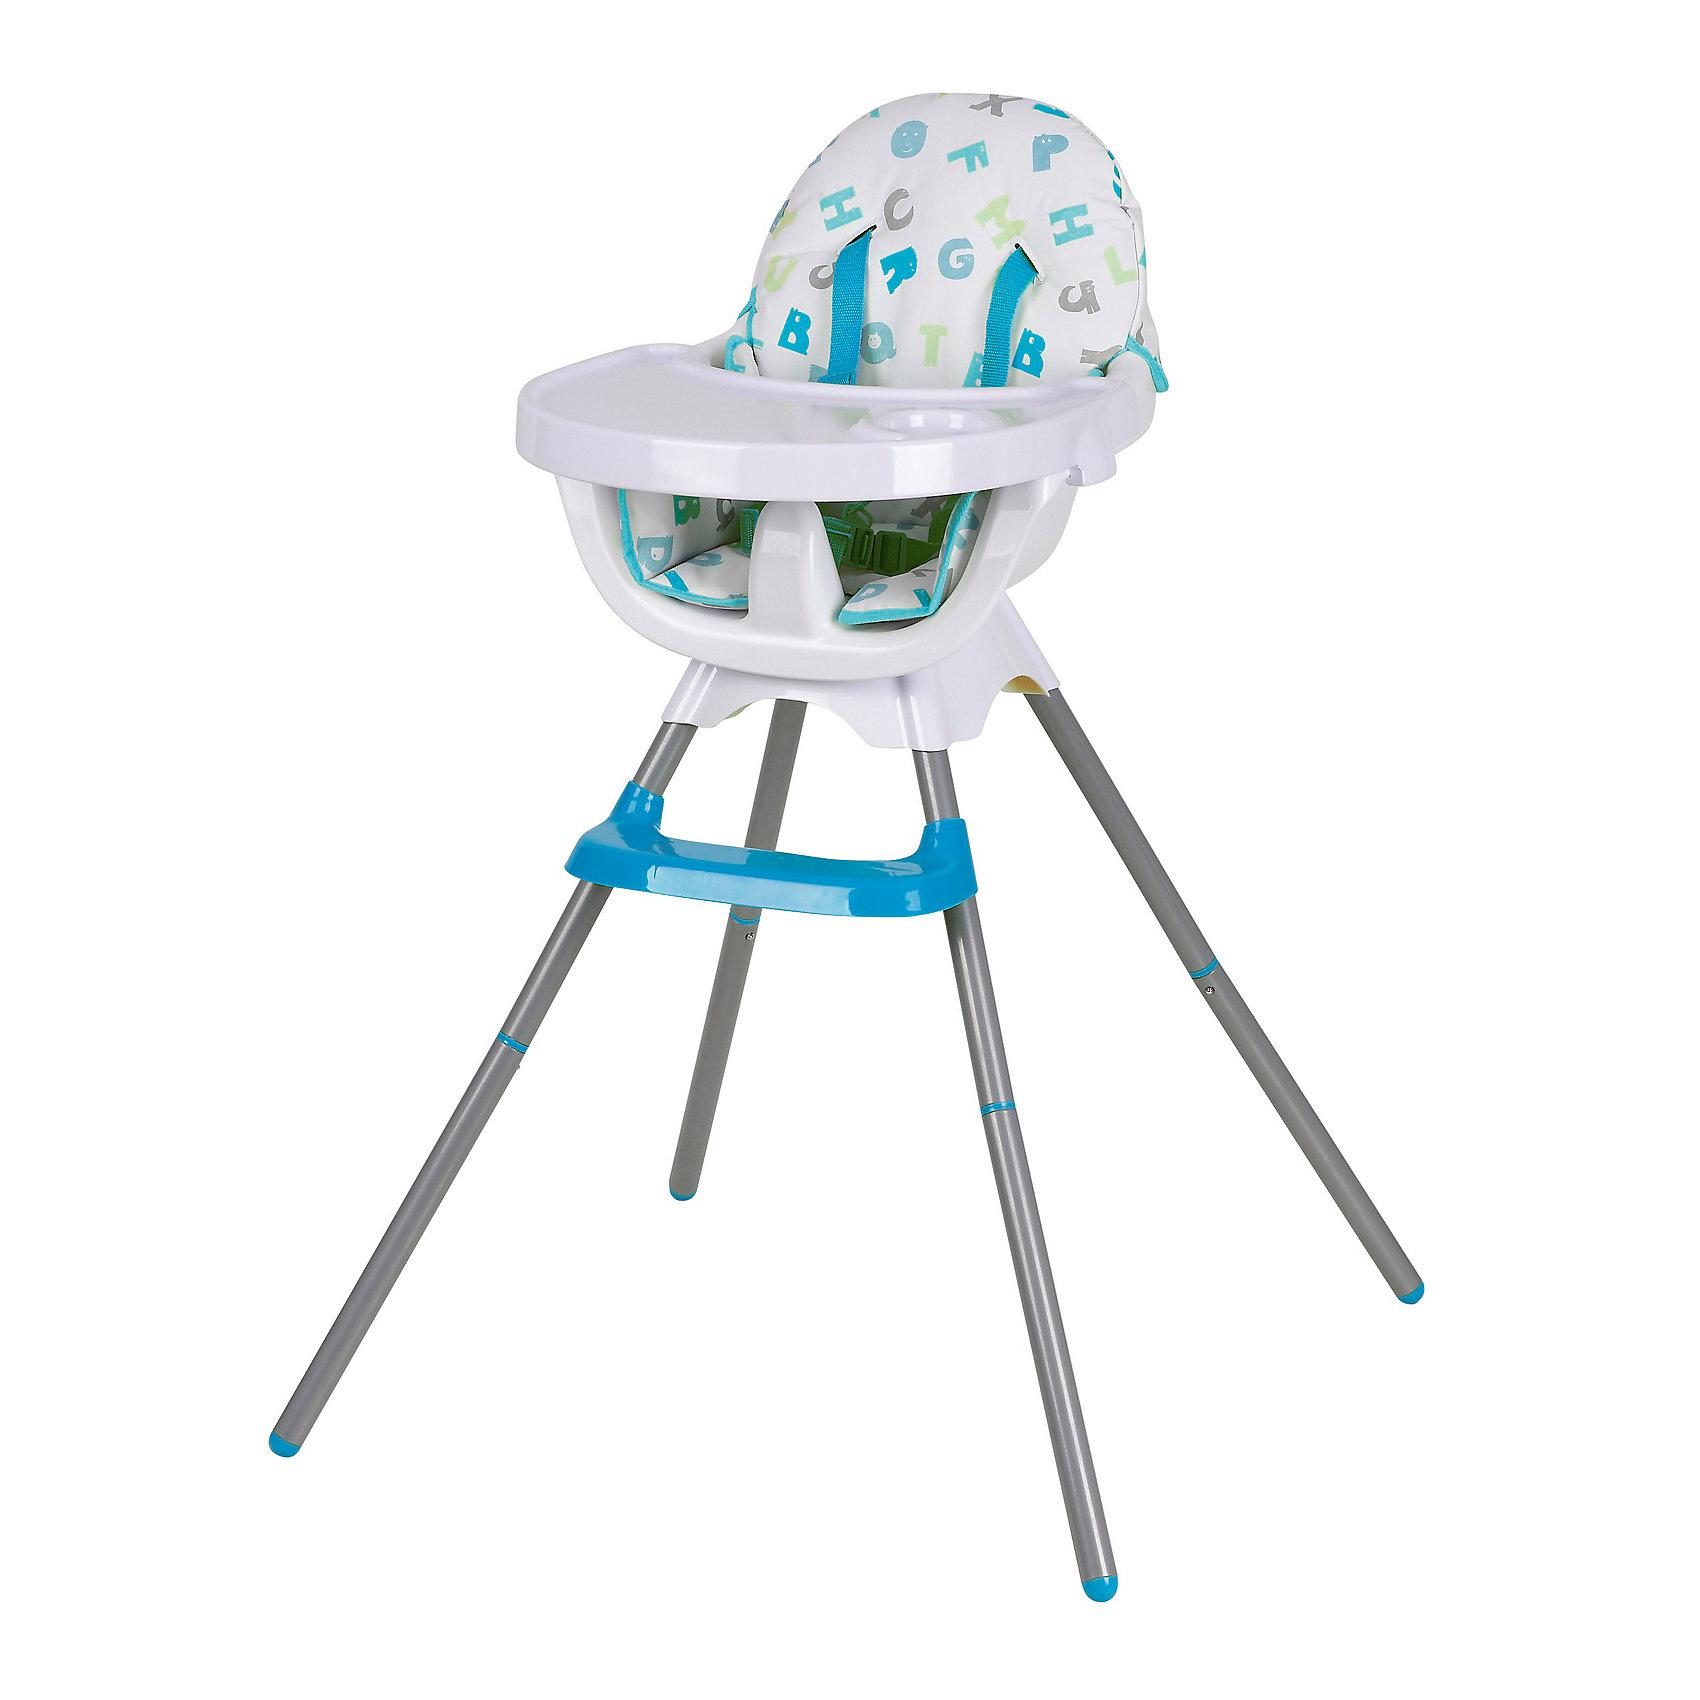 Стульчик для кормления BH-432, Selby, синийот +6 месяцев<br>Качественная детская мебель всегда отличается от взрослой, так как производится с учетом строения тела малыша и того, что он быстро растет. Такой стул элементарно складывается или превращается в стульчик-бустер, который прикрепляется к большому стулу для взрослых посредством распорок. Эта модель мало весит и отличается удобством, в ней можно переносить малыша.<br>Изделие легко моется. Легкий пластик отличается прочностью. Все материалы тщательно подобраны специалистами и безопасны для детей.<br><br>Дополнительная информация:<br><br>цвет: синий;<br>возраст: от полугода;<br>материал: пластик, металл;<br>габариты (разложенный): 68 x 68 х 94 см;<br>вес: 3750 г;<br>превращается в стульчик-бустер;<br>есть стол (можно снять);<br>уровень сидения регулируется в двух положениях;<br>ножки снимаются;<br>5точечный ремень безопасности;<br>подставка для ног.<br><br>Стульчик для кормления BH-432 от компании Selby можно купить в нашем магазине.<br><br>Ширина мм: 940<br>Глубина мм: 550<br>Высота мм: 550<br>Вес г: 4450<br>Возраст от месяцев: 6<br>Возраст до месяцев: 36<br>Пол: Мужской<br>Возраст: Детский<br>SKU: 4873603